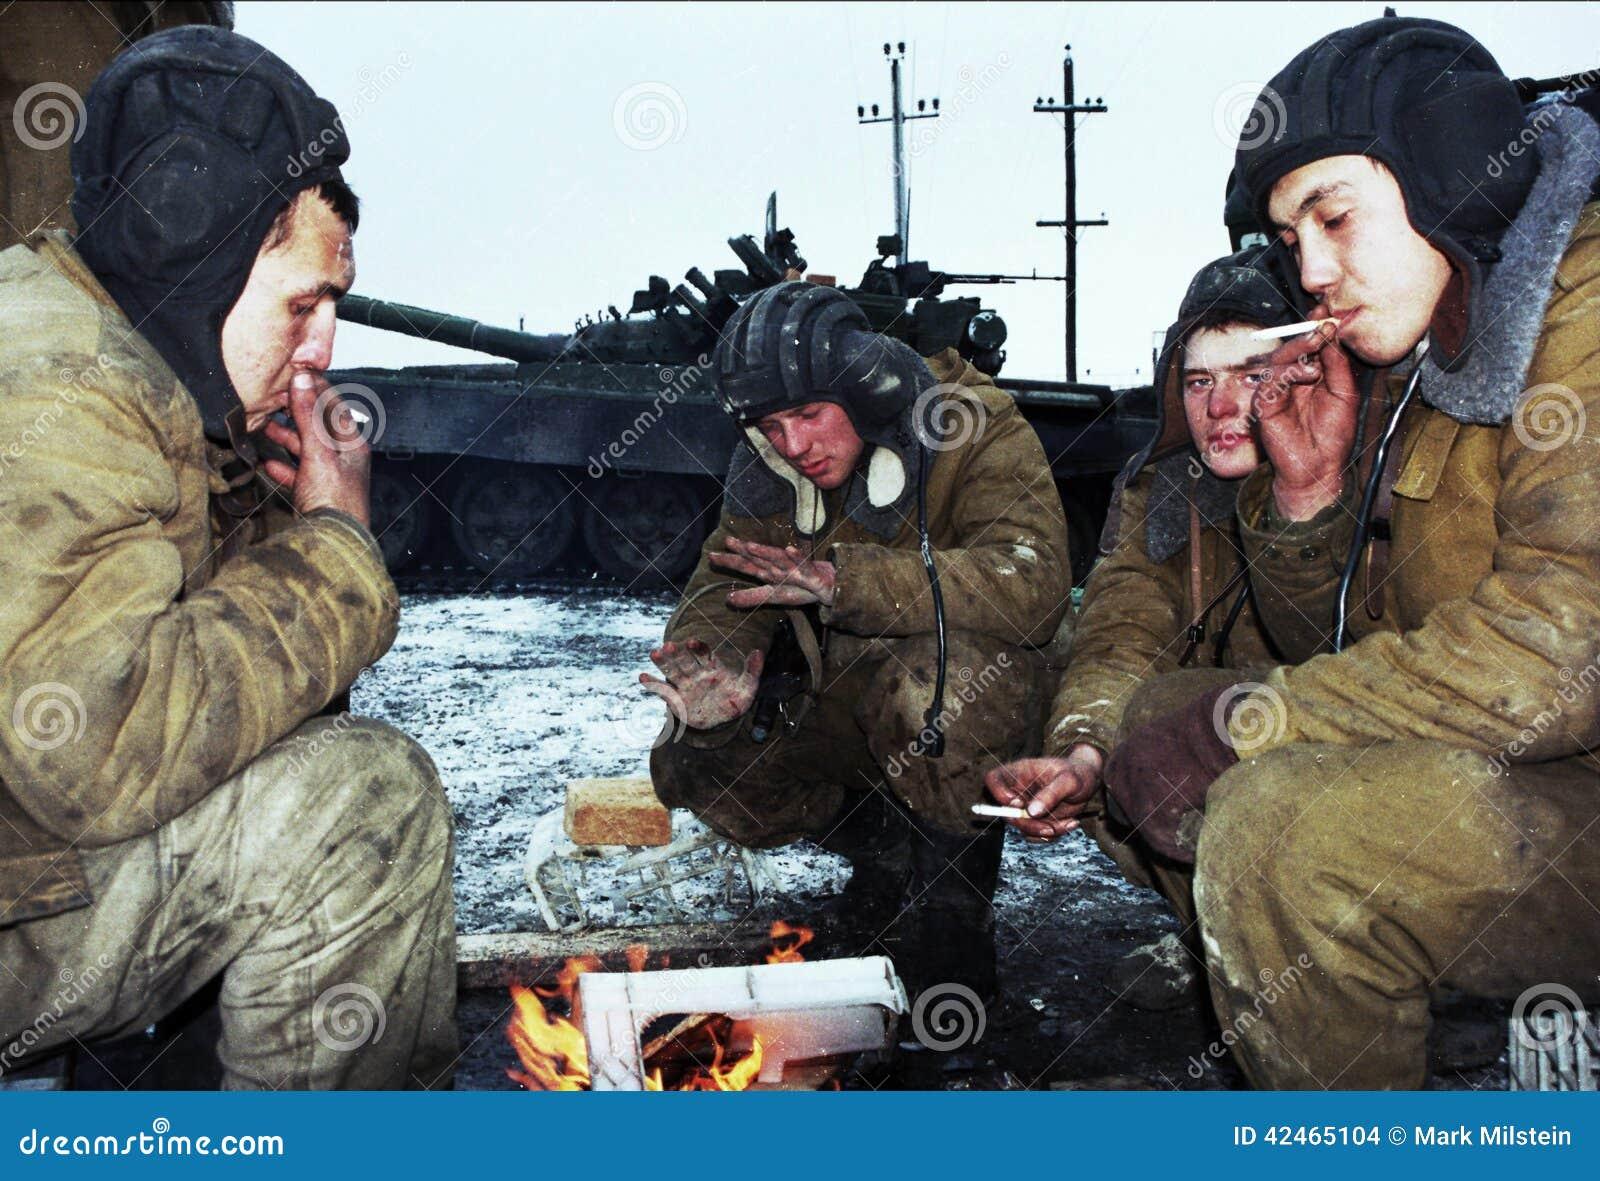 DIE RUSSISCHE INVASION VON TSCHETSCHENIEN